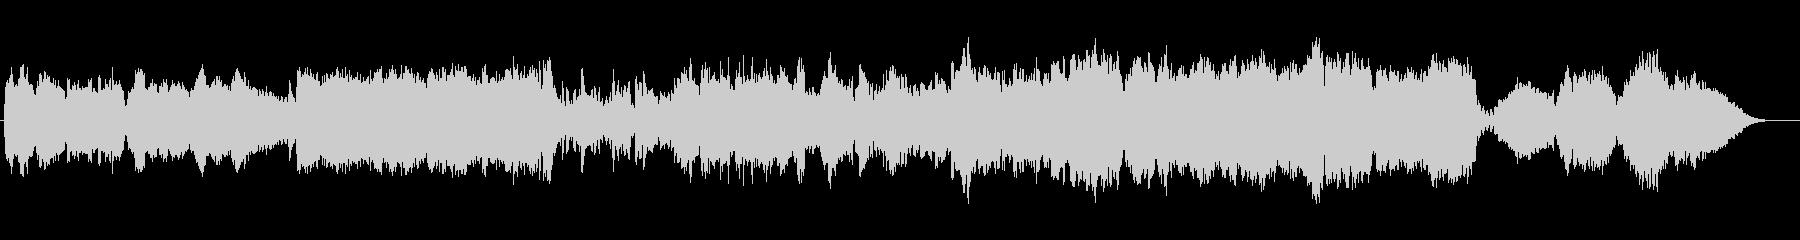 ほのぼのとしたピアノトリオの未再生の波形